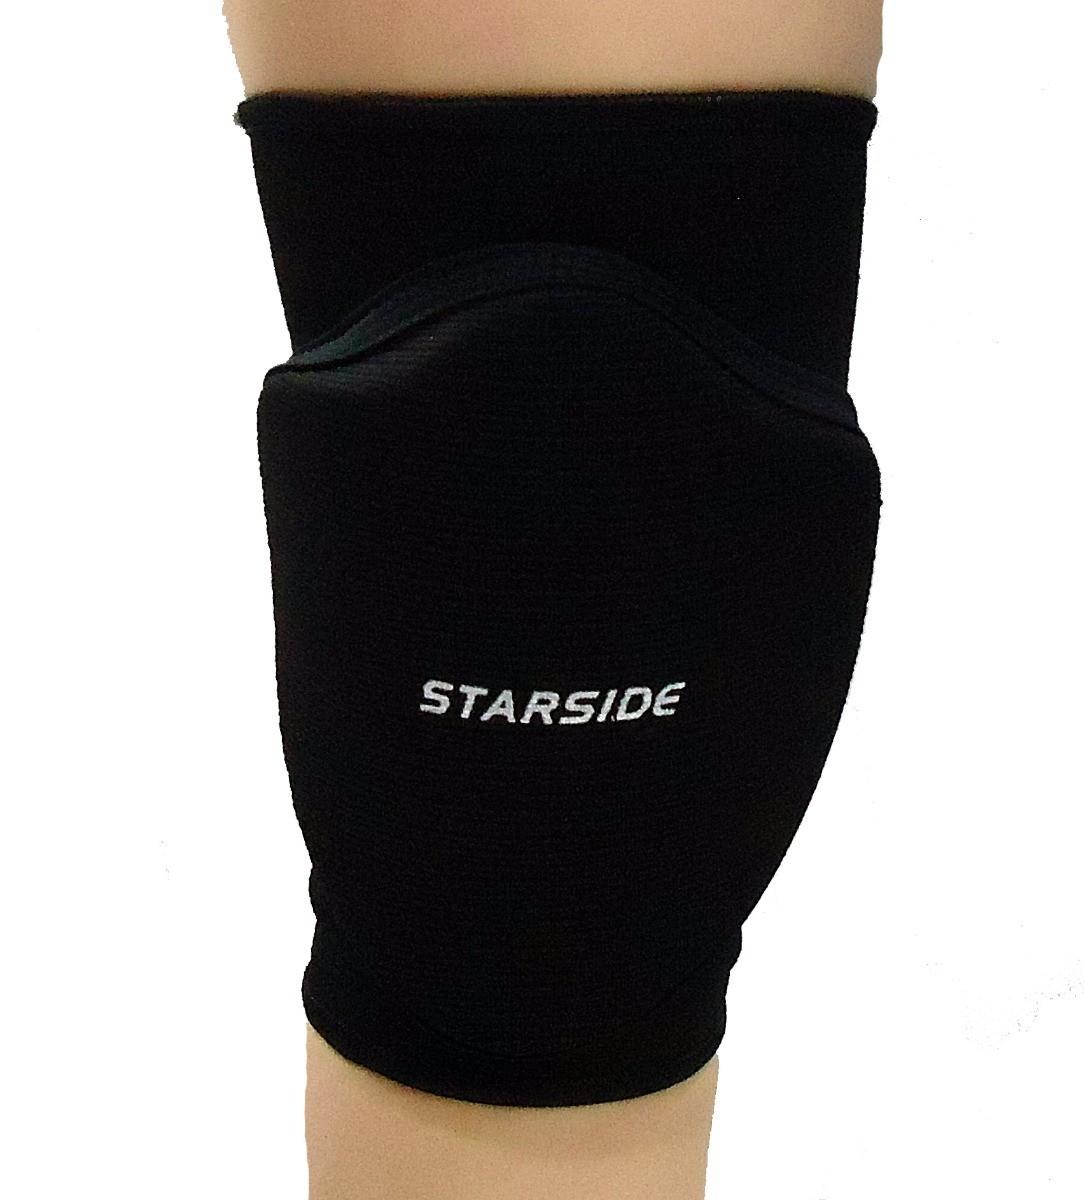 Joelheira Futsal Starside Profissional 351 - Unissex - Adulto